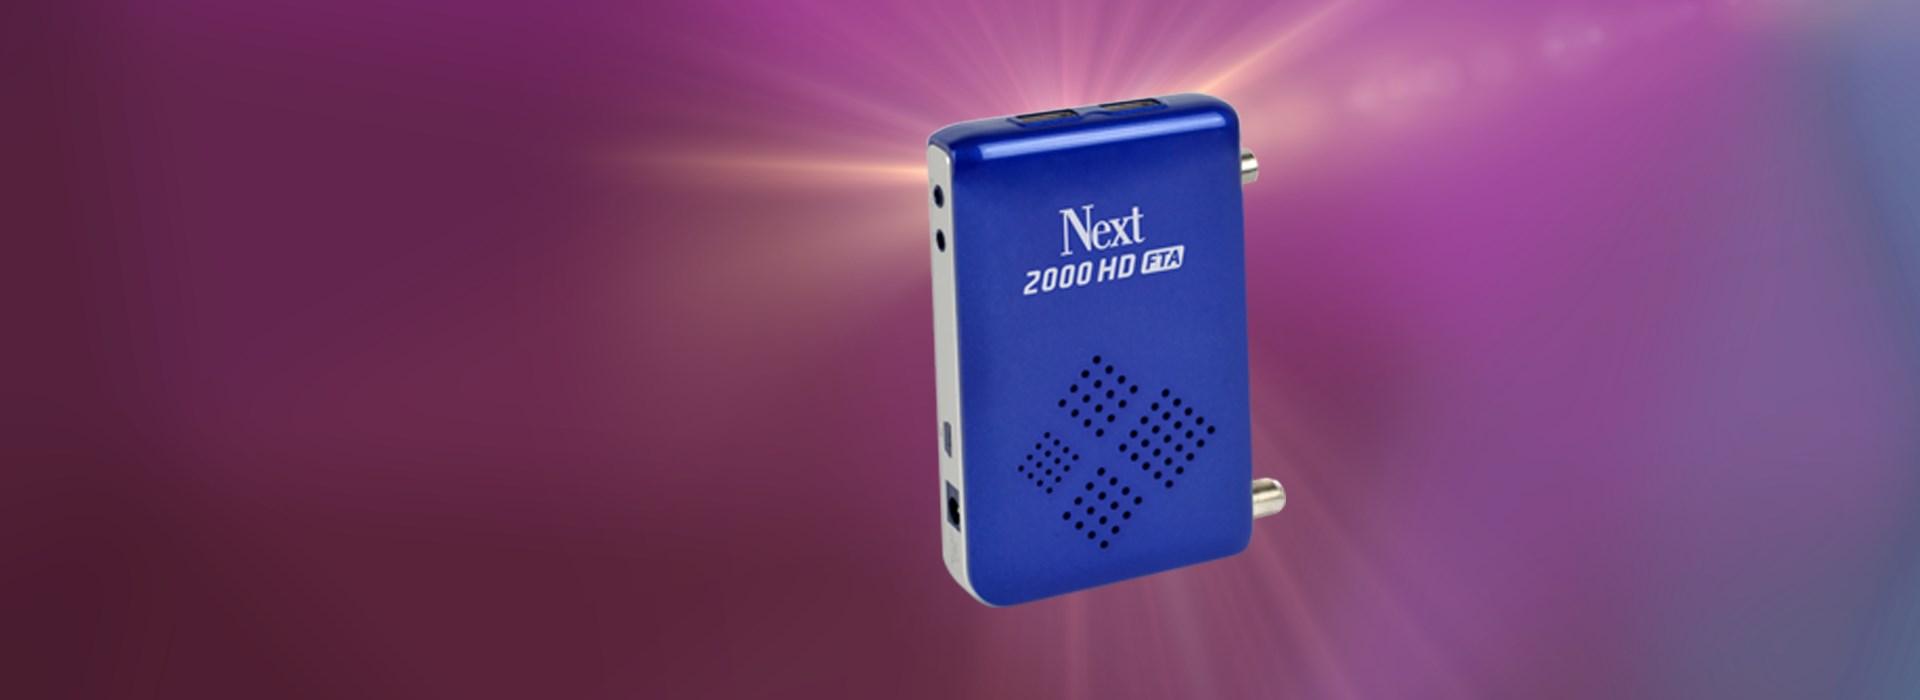 Next 2000 HD FTA